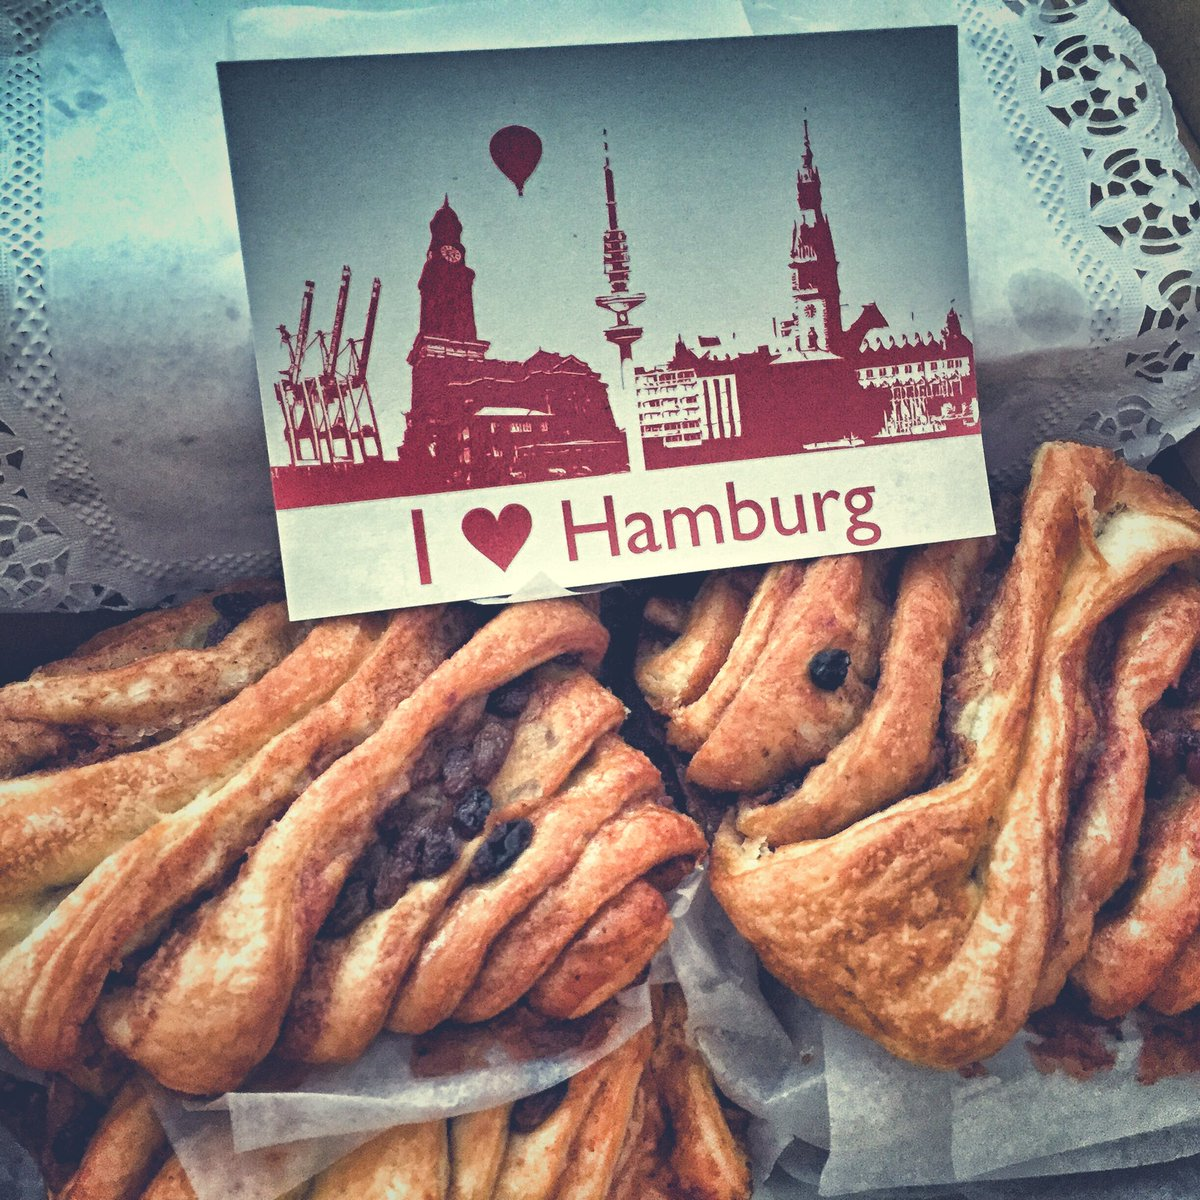 Post aus #Hamburg von unseren lieben Kollegen des @PolizeiHamburg SocialMediaTeam! We❤️ #Franzbrötchen -Dankeschön 😊